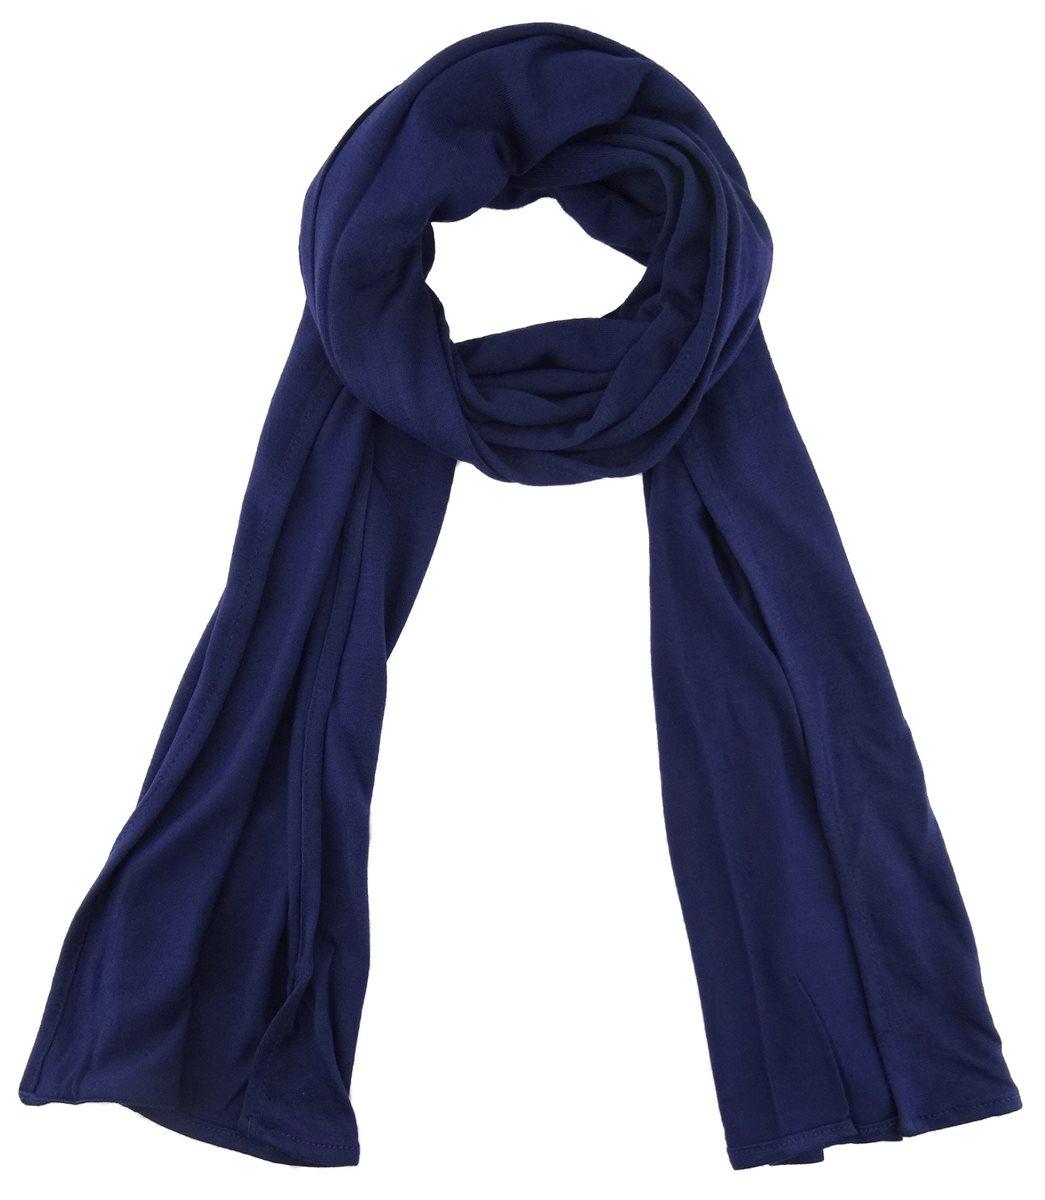 a42ee585f4626b TigerTie - Schal in dunkelblau einfarbig Uni - Größe 180 x 30 cm - 100%